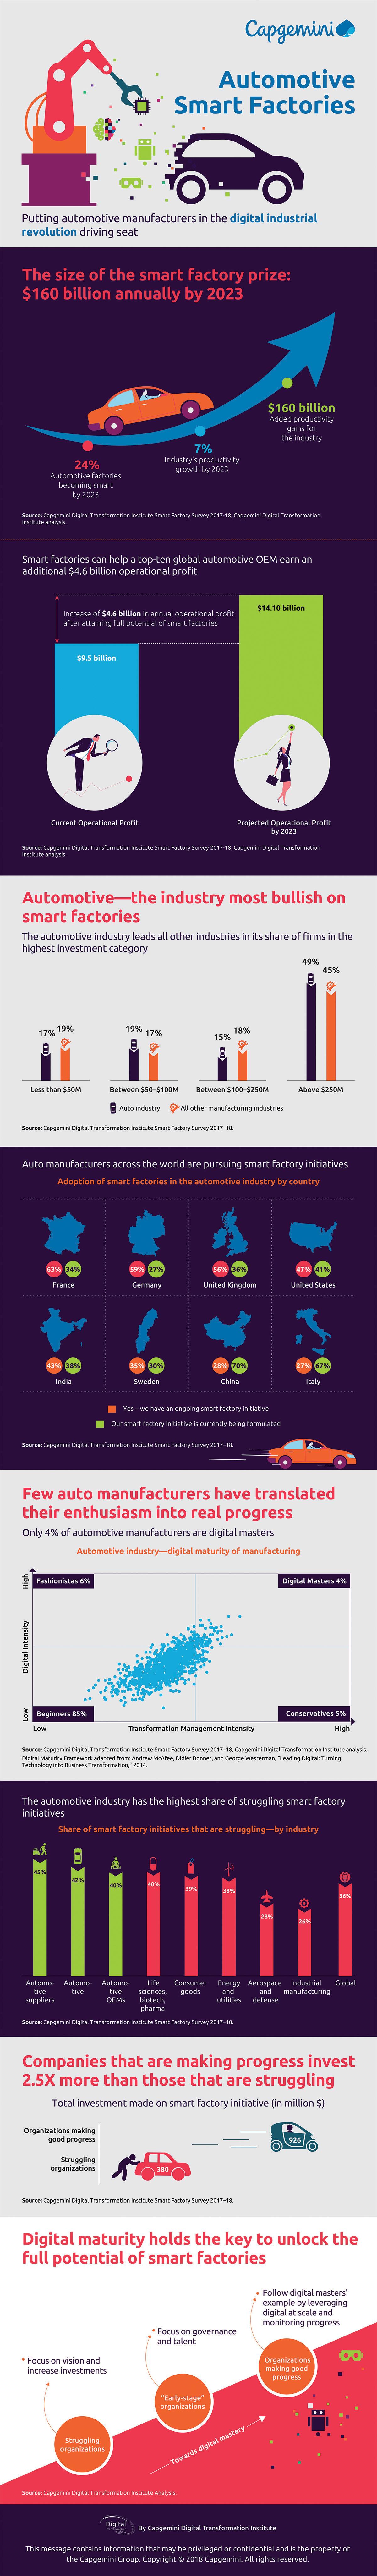 Automotive smart factories_infographic